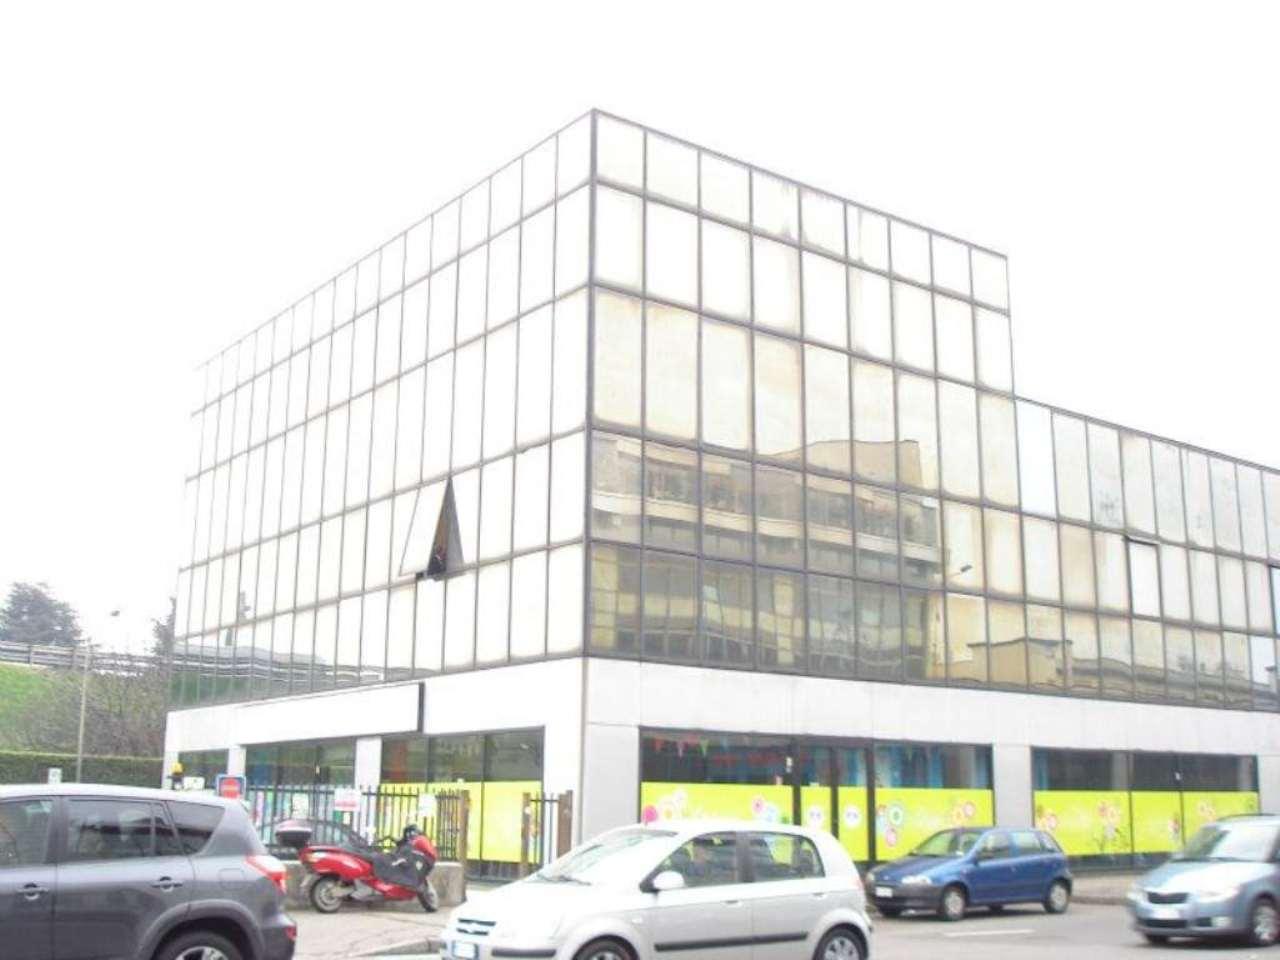 Ufficio / Studio in affitto a Bresso, 3 locali, prezzo € 800 | Cambio Casa.it